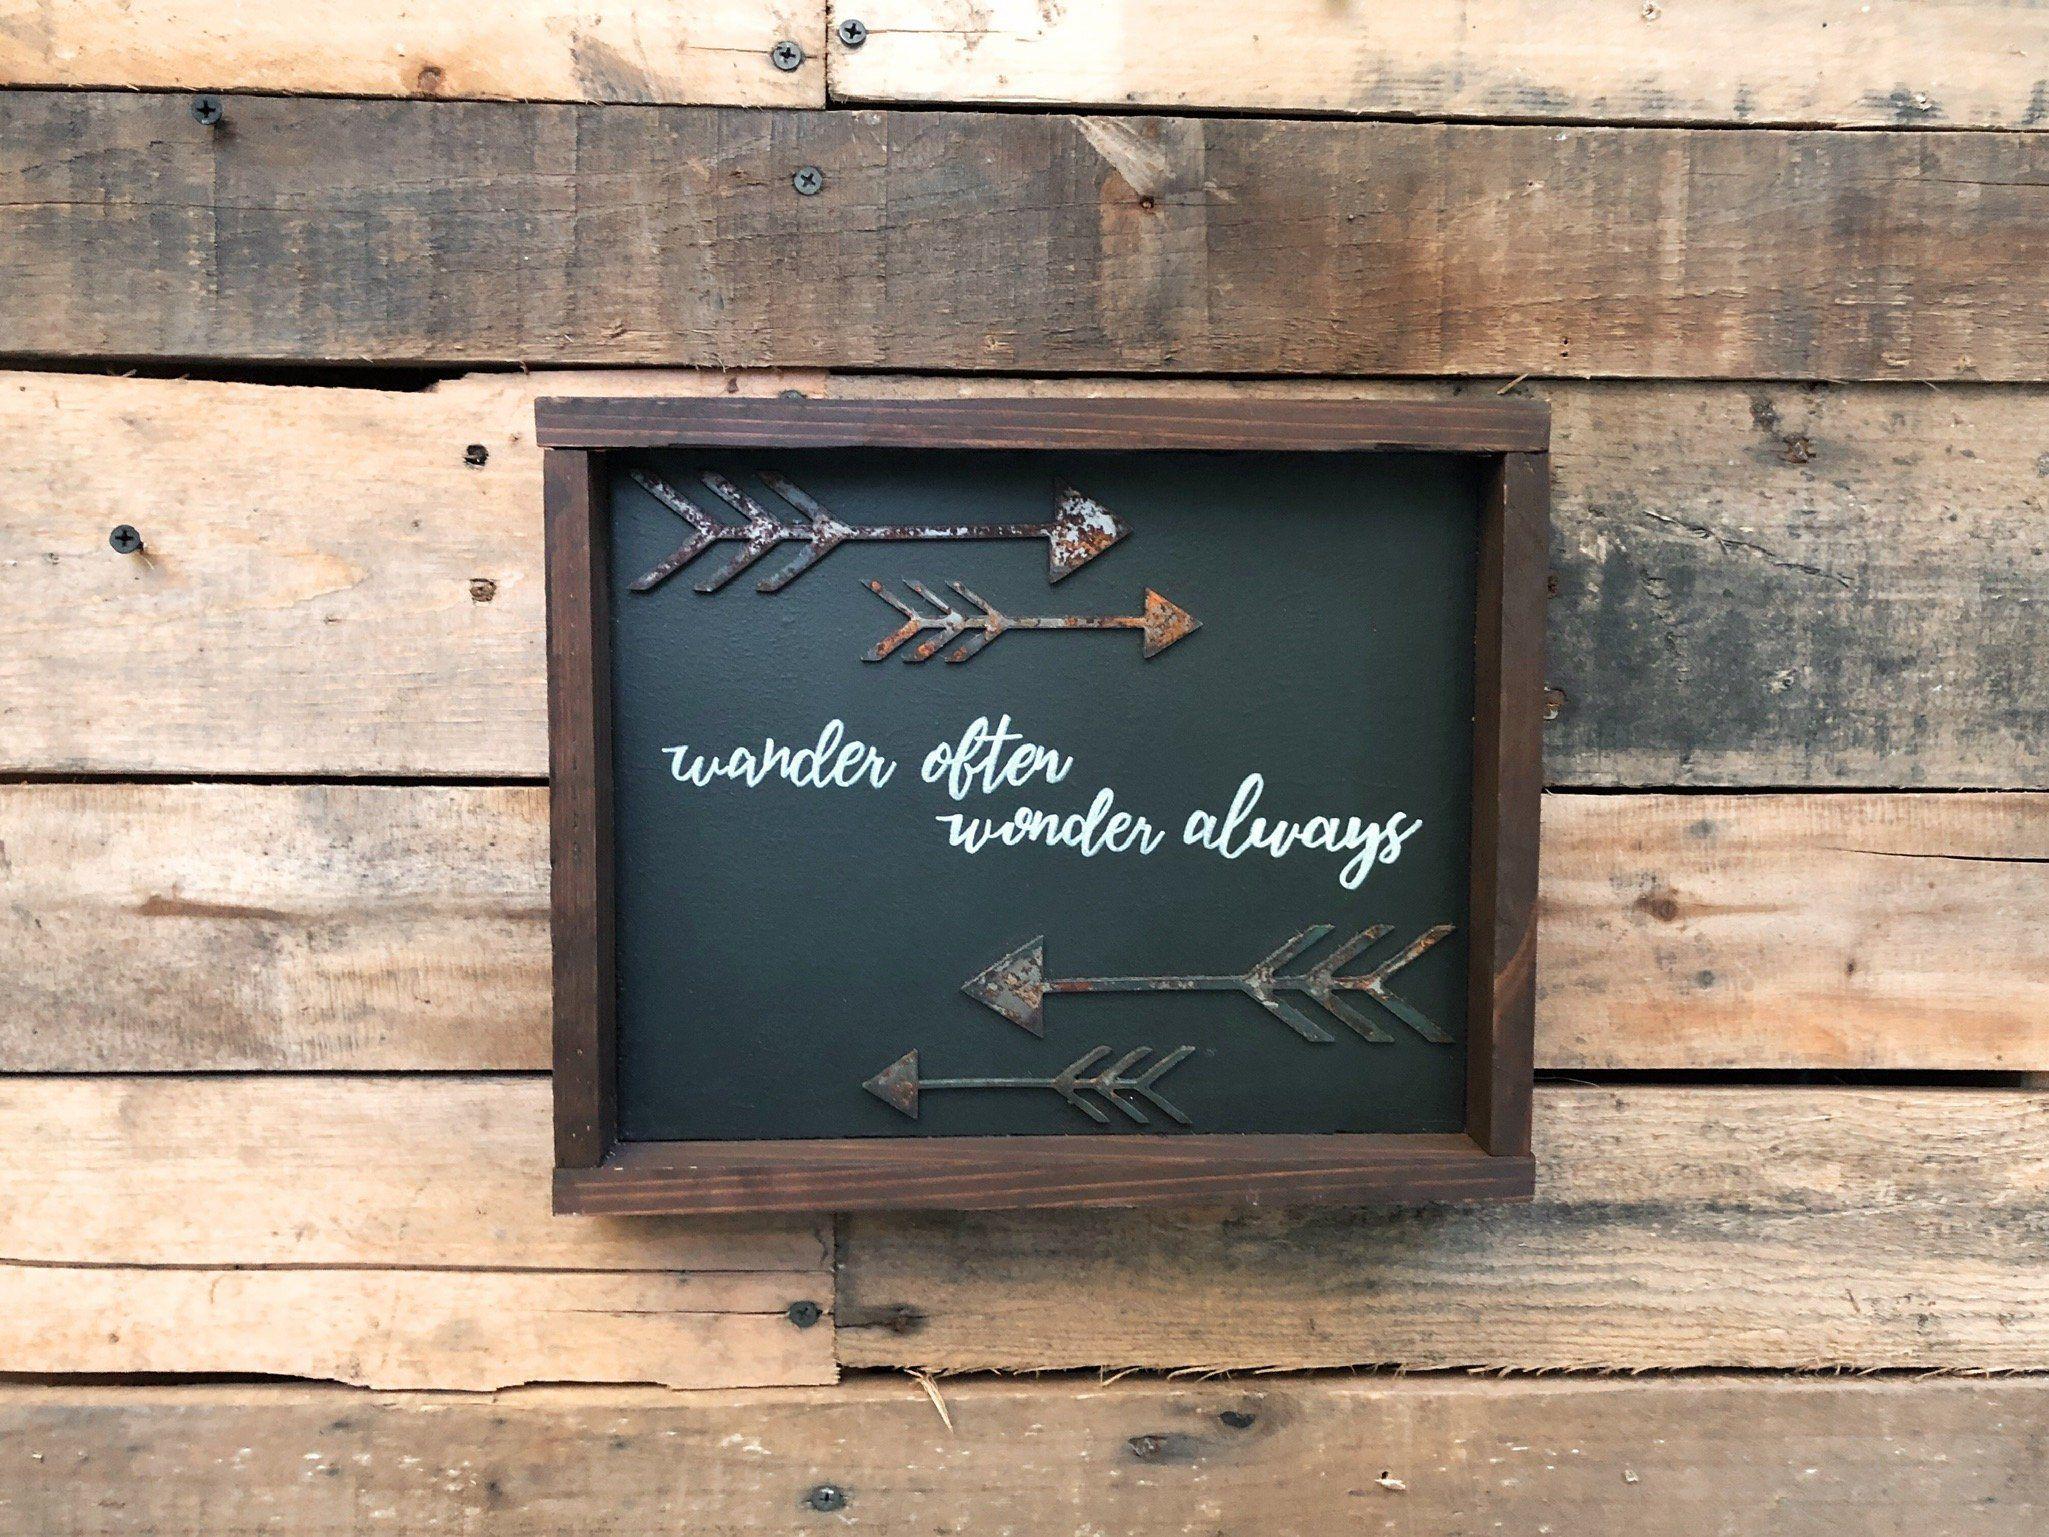 Wander Often Wonder Always Framed Wood Sign Modern Home Decor Motivational Wood Sign Inspirational Sign Rustic Sign Rustic Decor Wood Frame Sign Inspirational Signs Rustic Signs